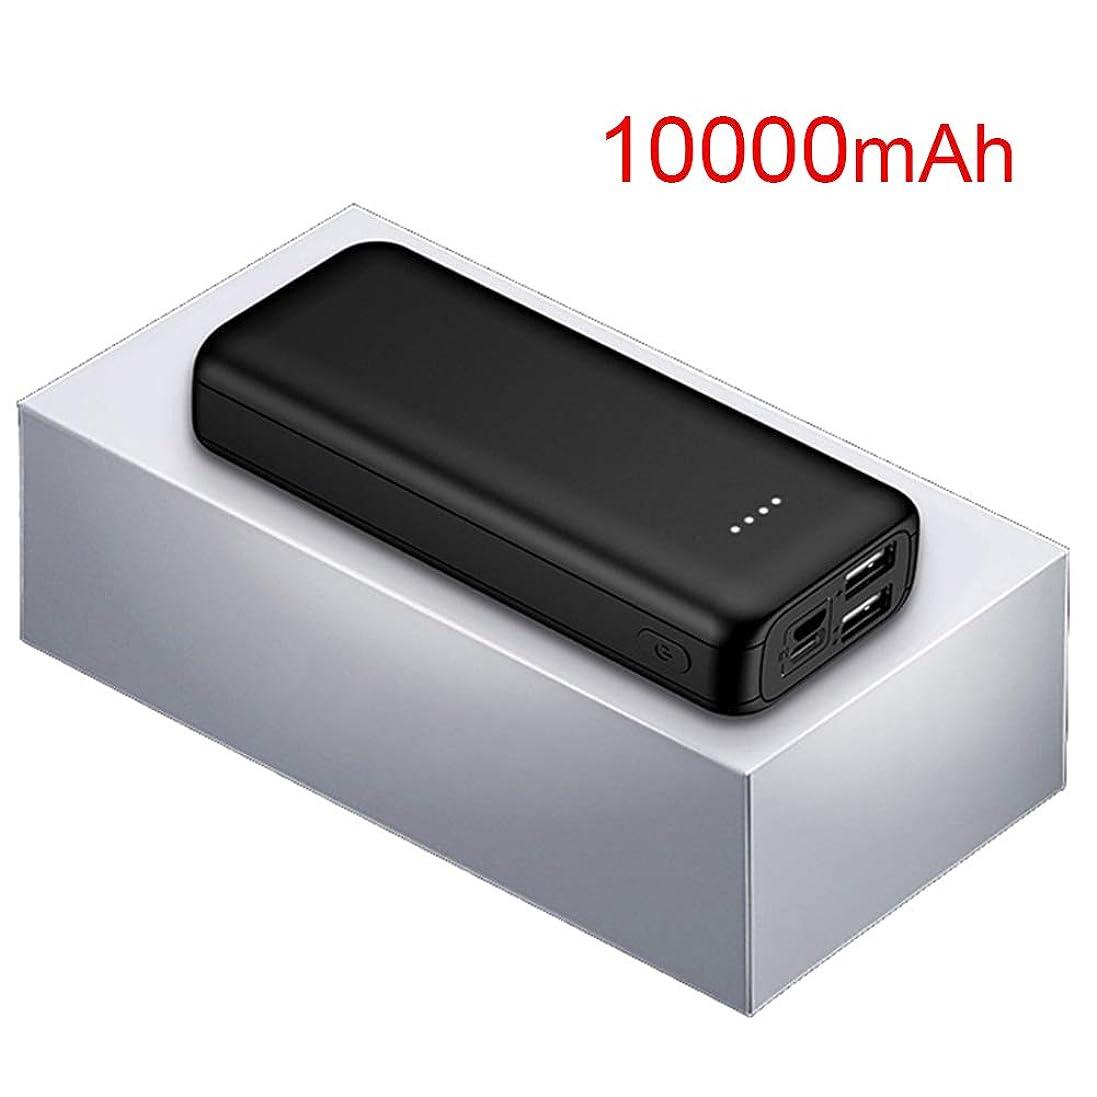 ブラストティッシュ玉パワー?バンク 急速充電 携帯電話充電器、 ポータブル 20000mAh 大容量 外部バッテリー、 4つのLEDライト付き ために スマートフォン 錠剤 もっと,黒